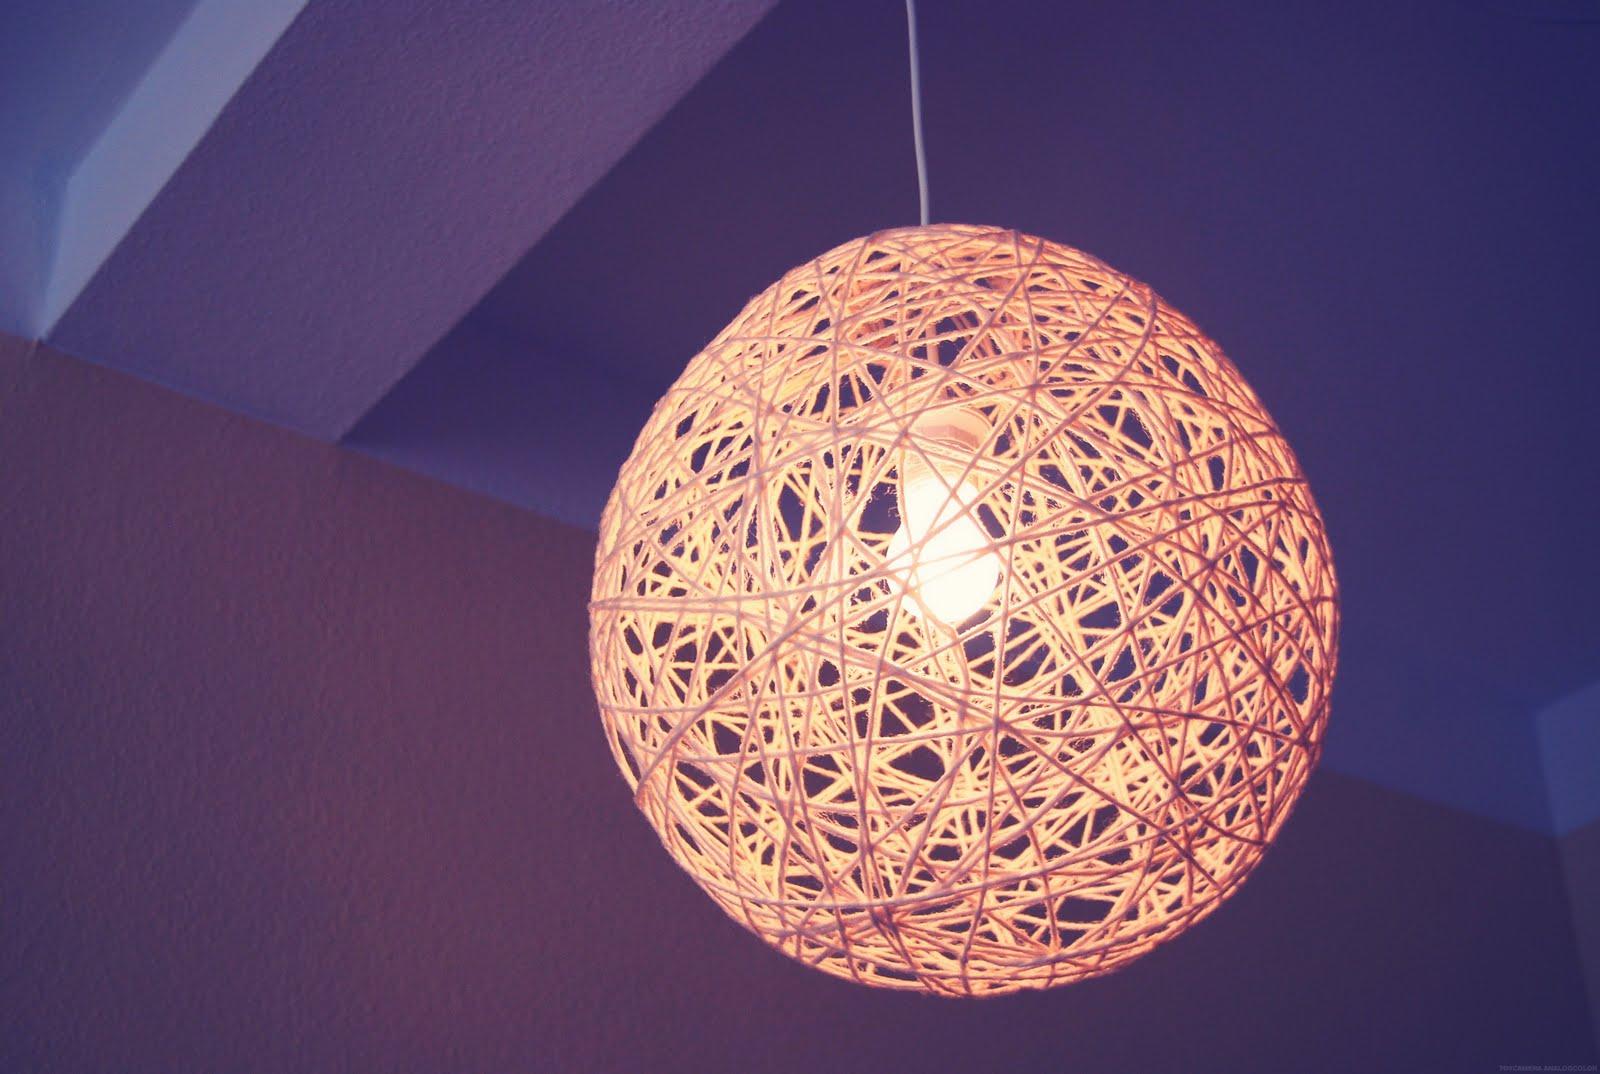 lampe wolle haken smash. Black Bedroom Furniture Sets. Home Design Ideas